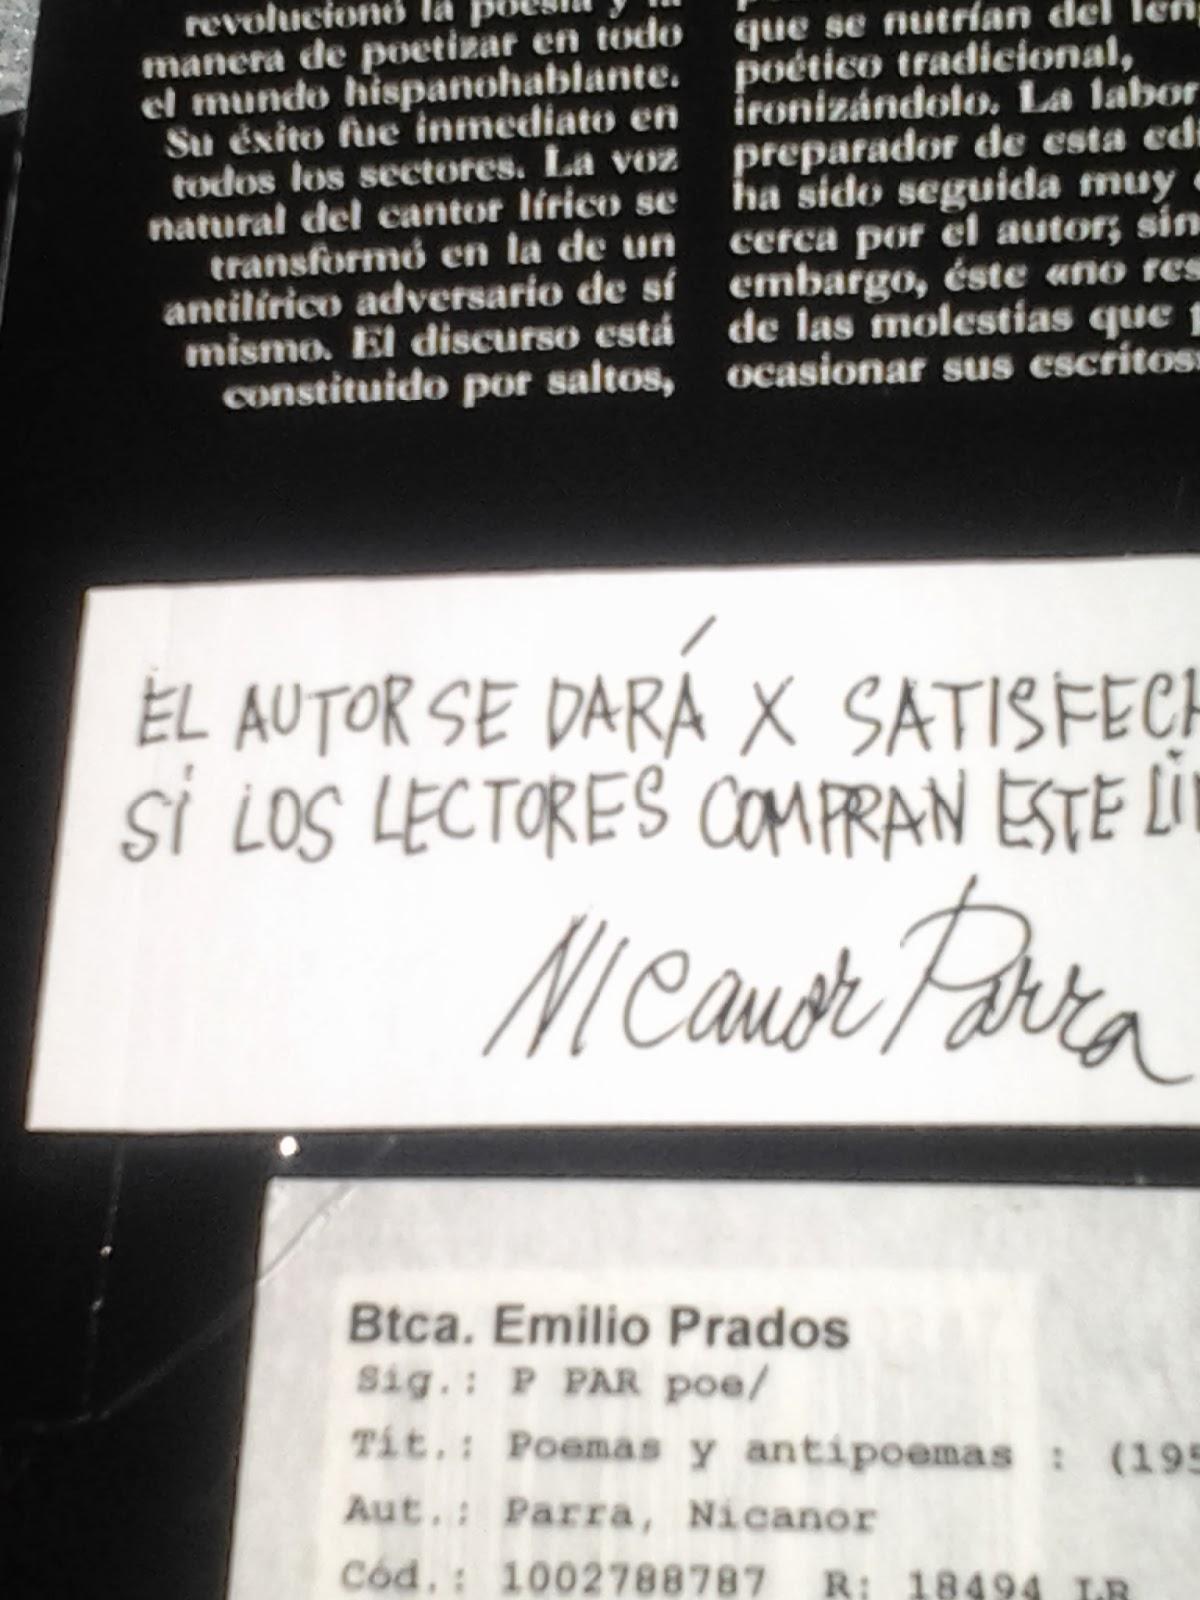 Poemas Y Antipoemas De Nicanor Parra La Revolución En La Poesía